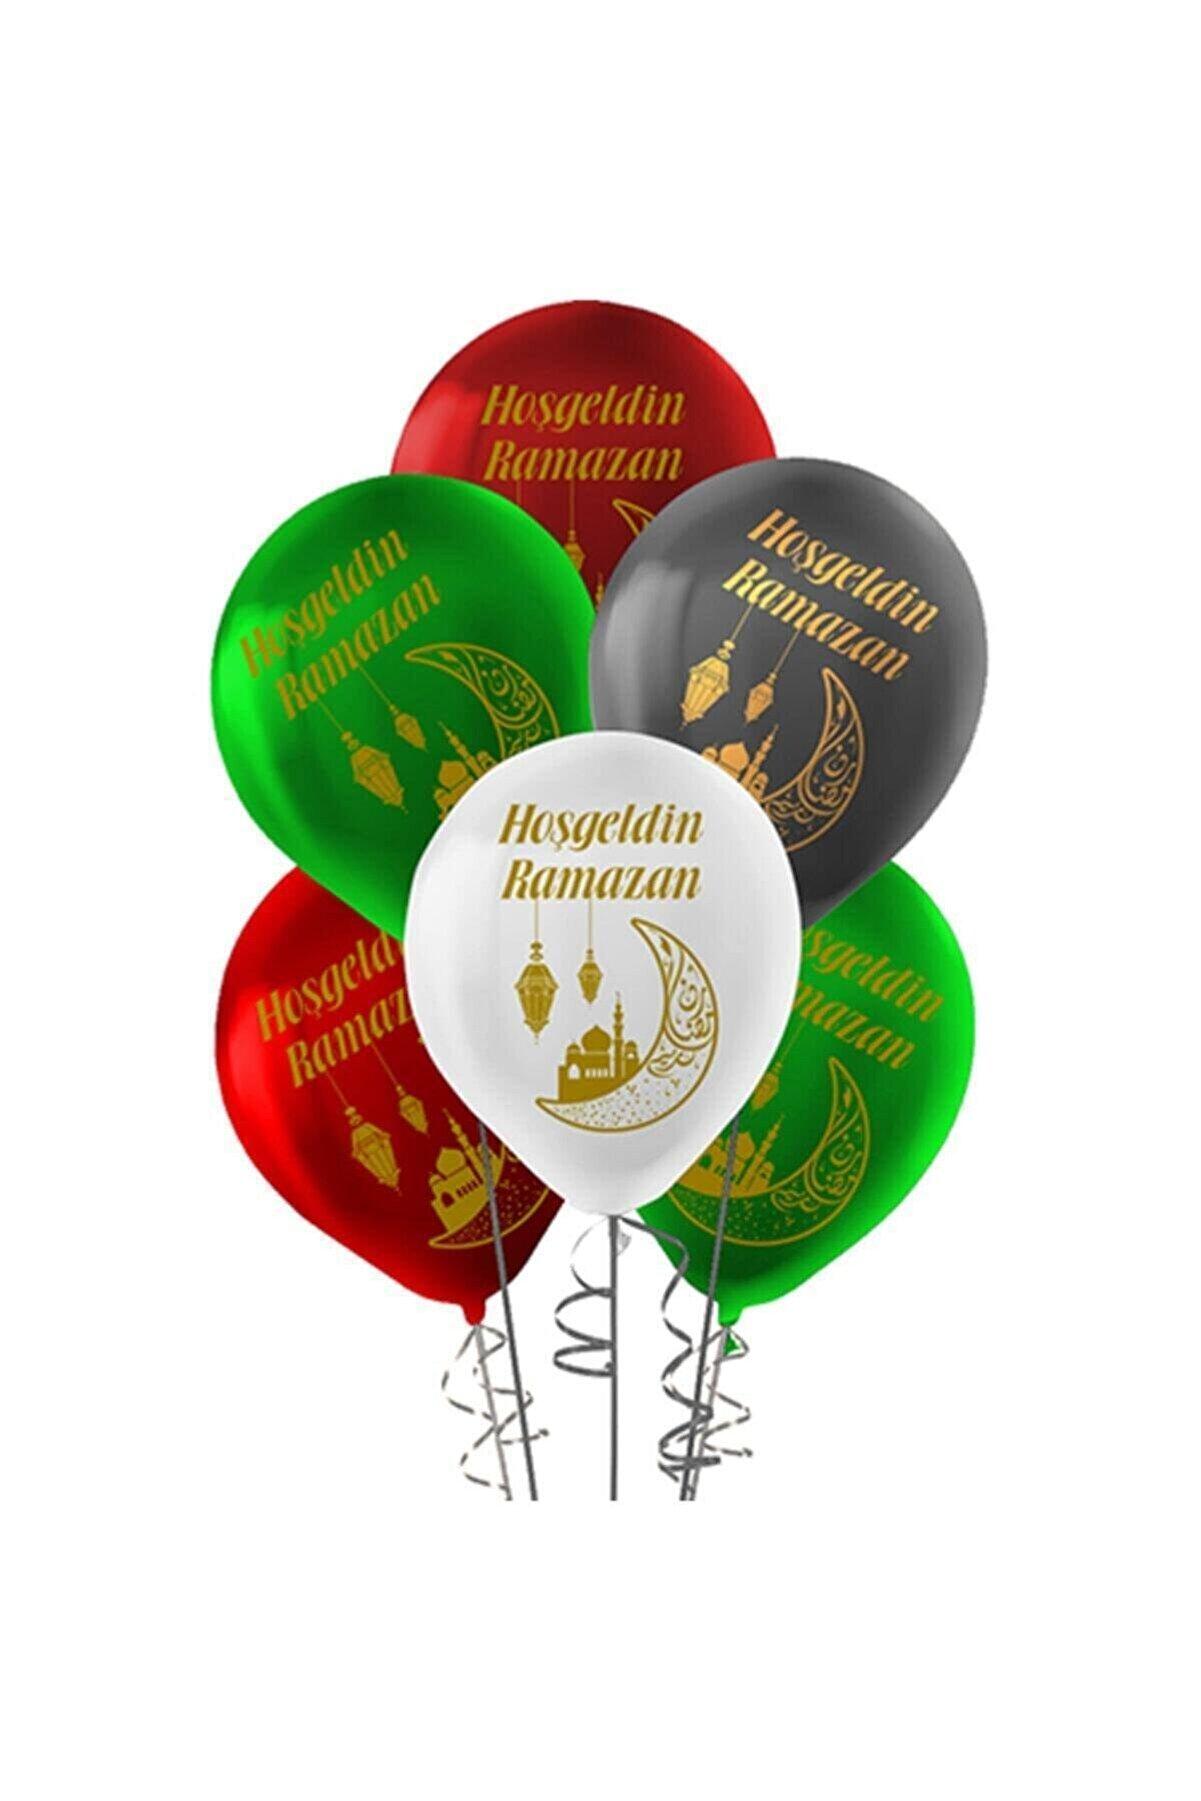 Huzur Party Store Hoşgeldin Ramazan Baskılı 25 Adet Balon Dini Islami Bayram Süsü Beyaz Yeşil Siyah Bordo Renkli